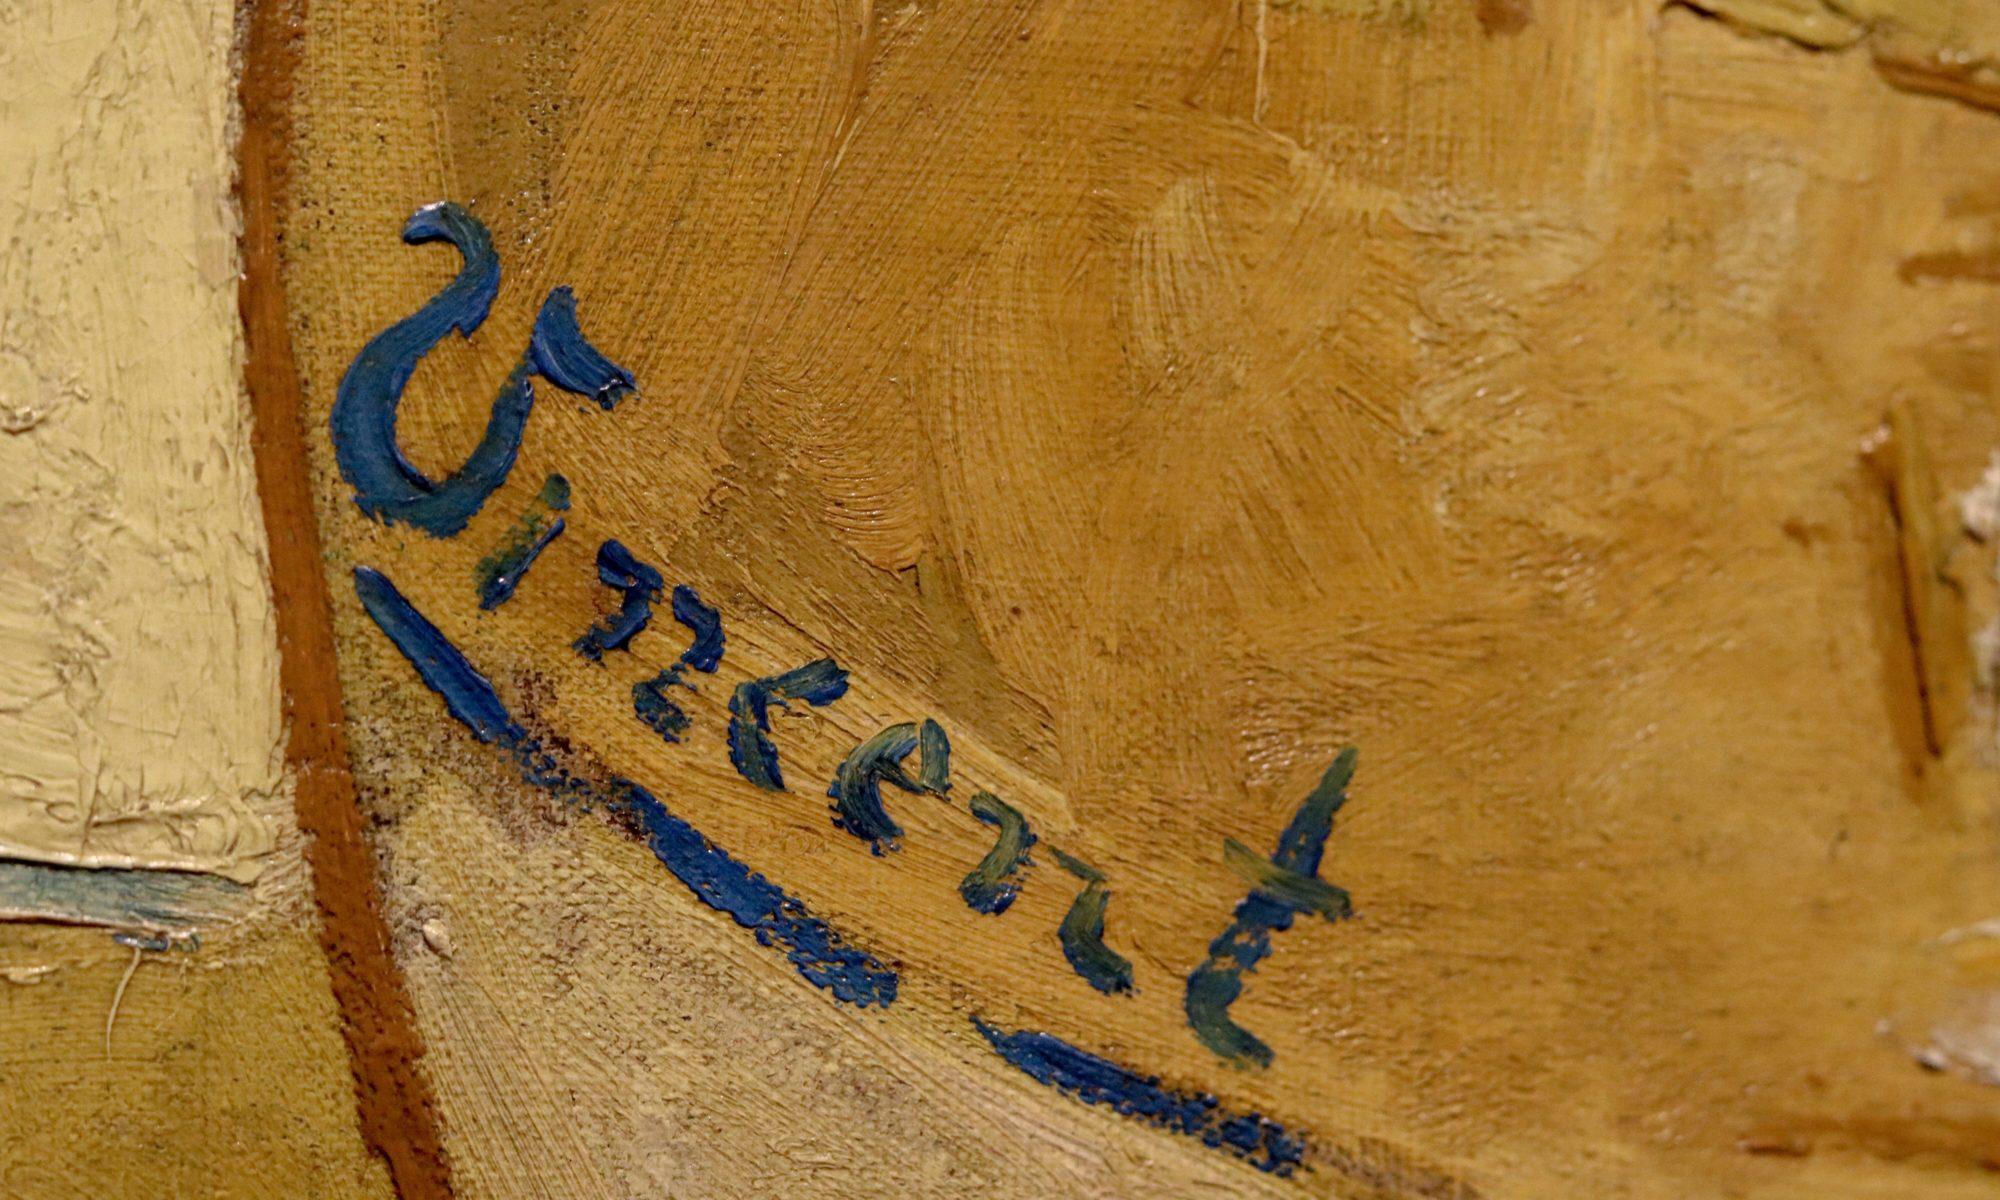 van gogh signature